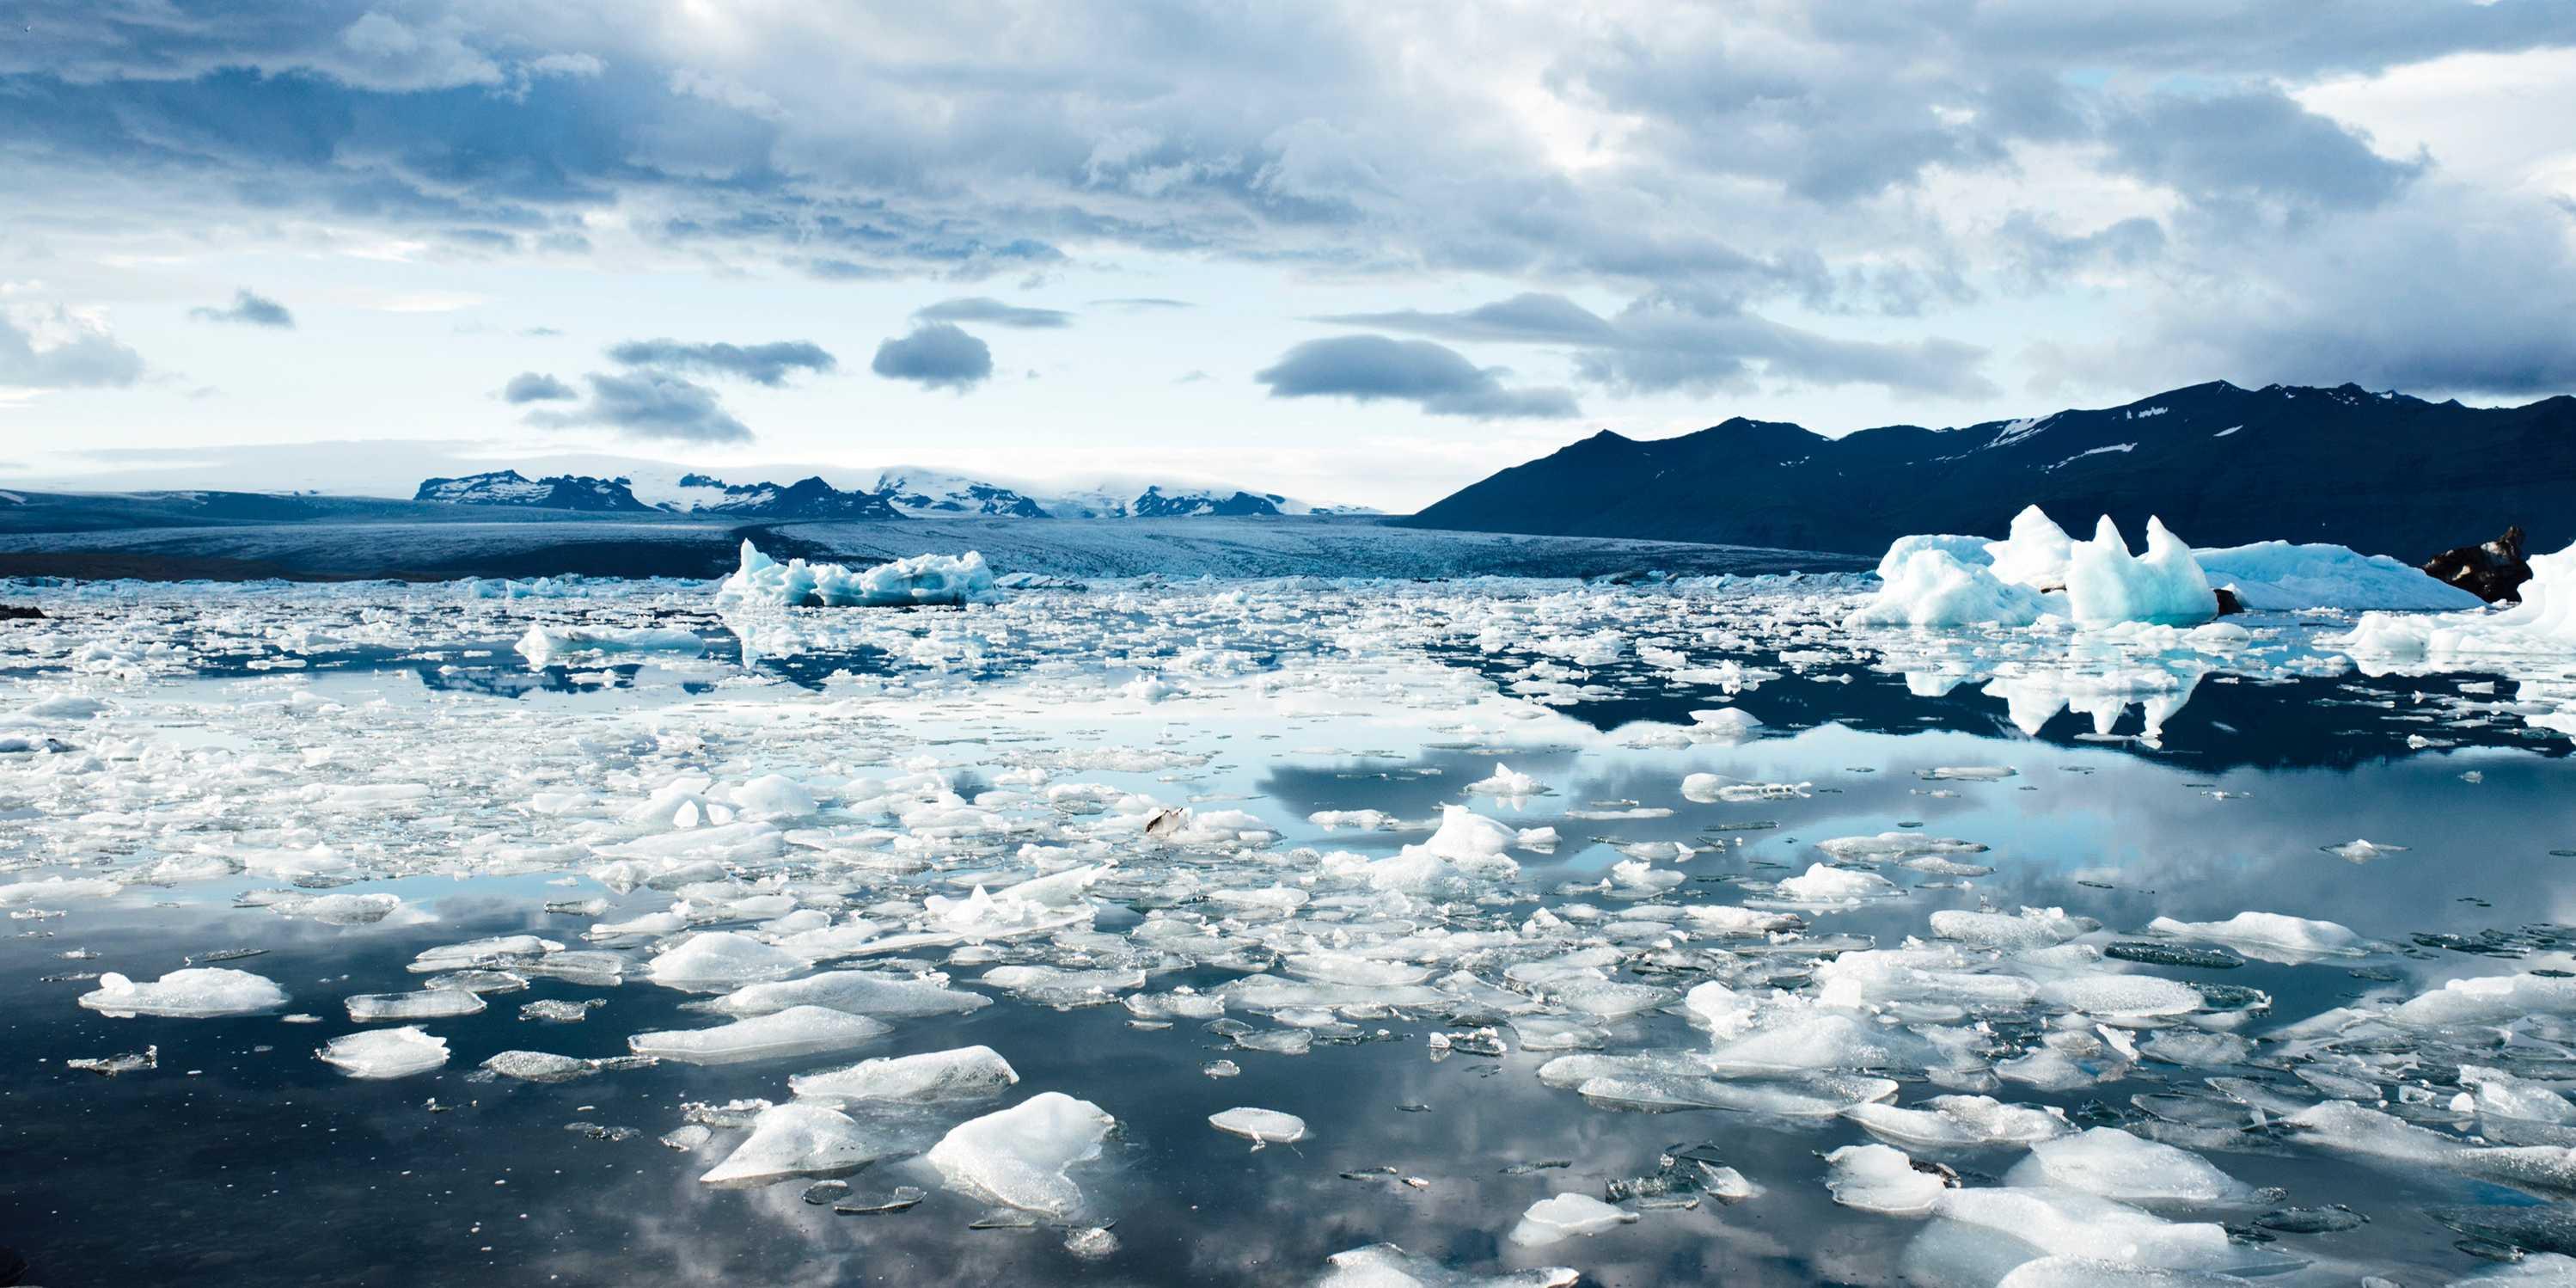 Progetto educativo per la scuola secondaria con approfondimento su tematiche relative al surriscaldamento globale e ai cambiamenti climatici